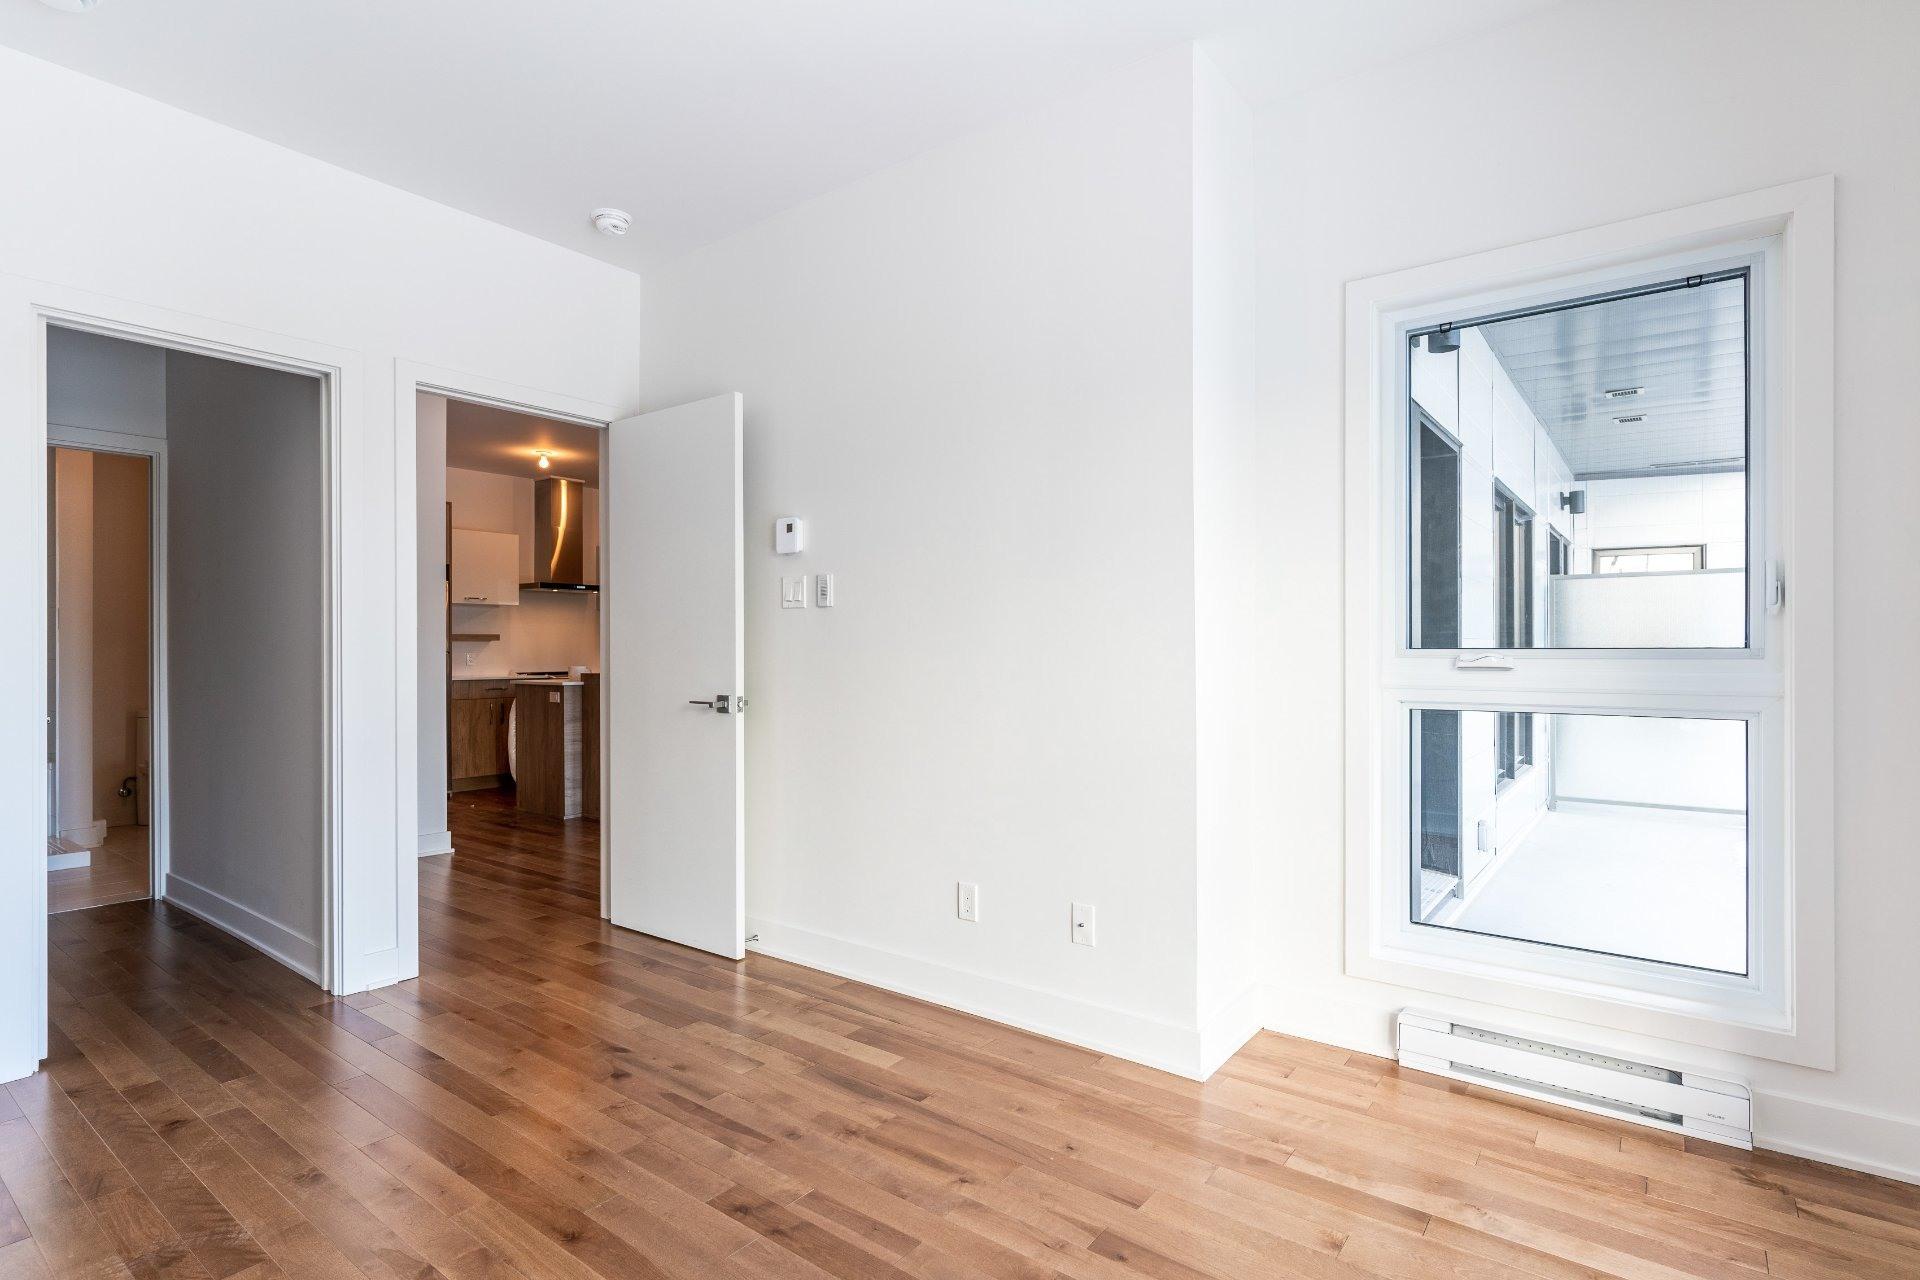 image 15 - Appartement À louer Rosemont/La Petite-Patrie Montréal  - 7 pièces